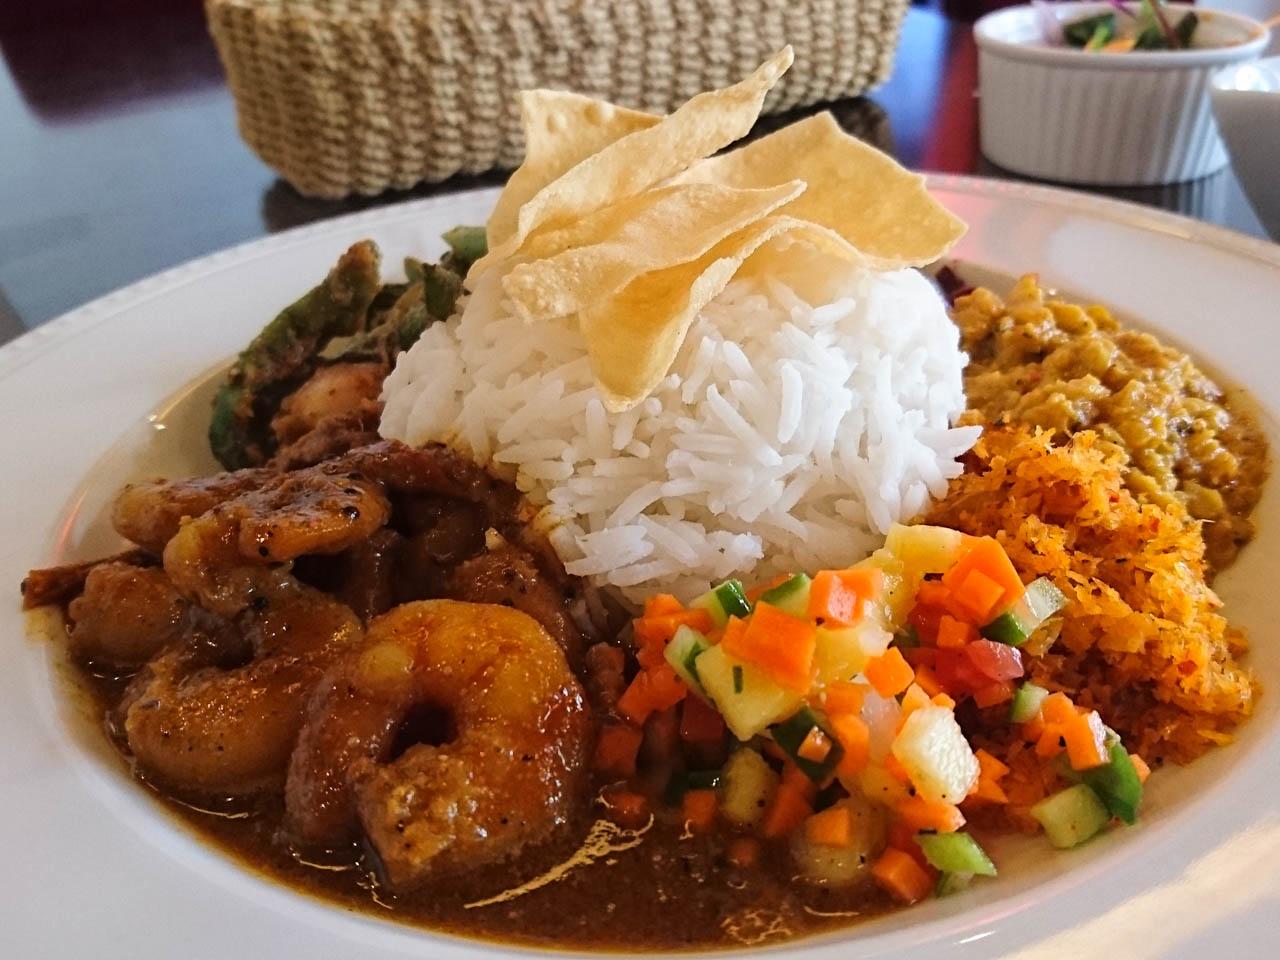 中崎町エリアに今度は本格スリランカ料理店が!@中崎町「AMBALAMA」